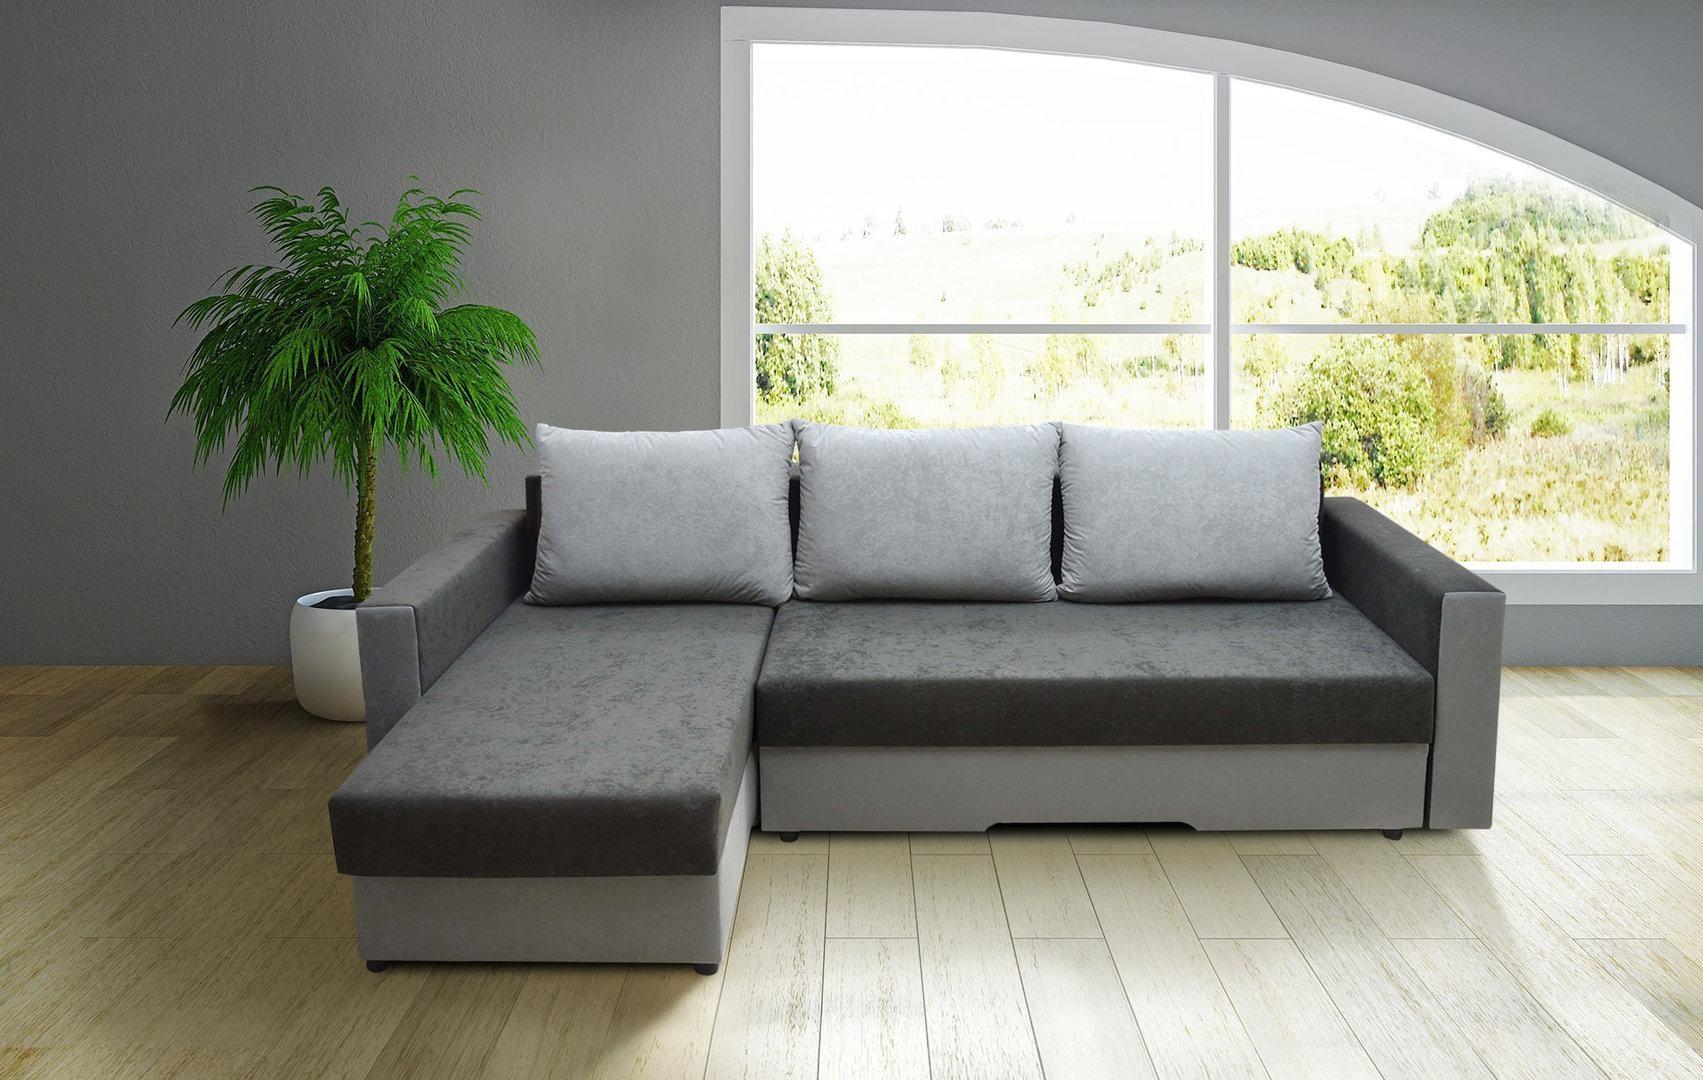 karlstad sofa for sale uk living es sectional sofas 20 best corner bed ideas